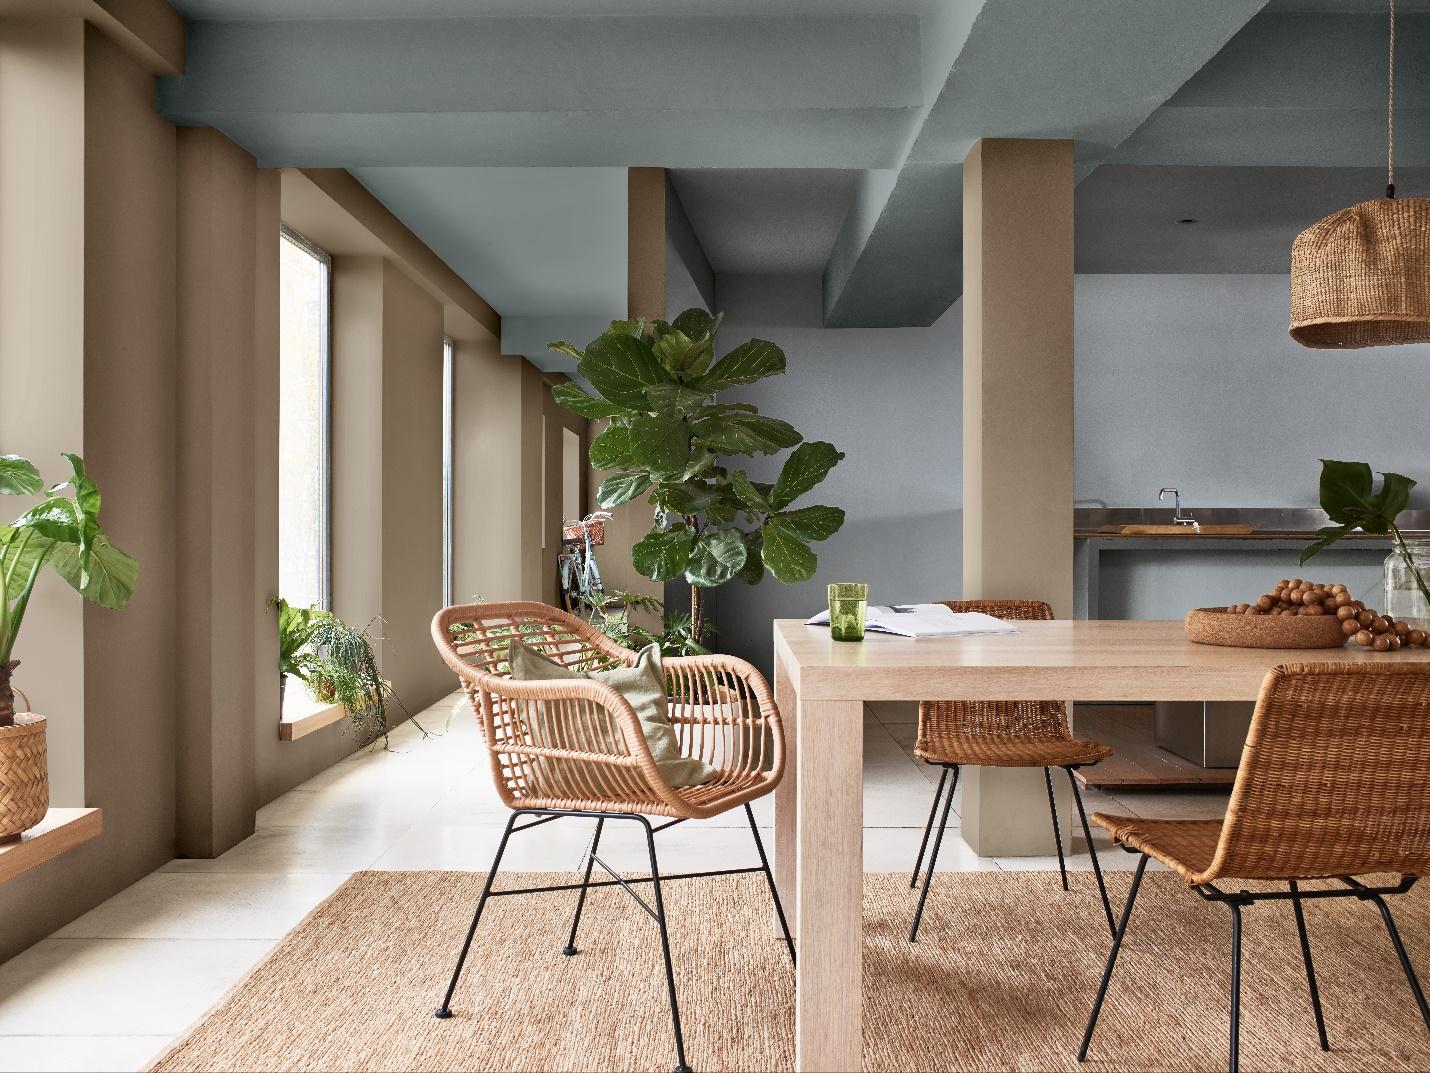 Trồng cây xanh trong nhà là cách đơn giản để lọc không khí